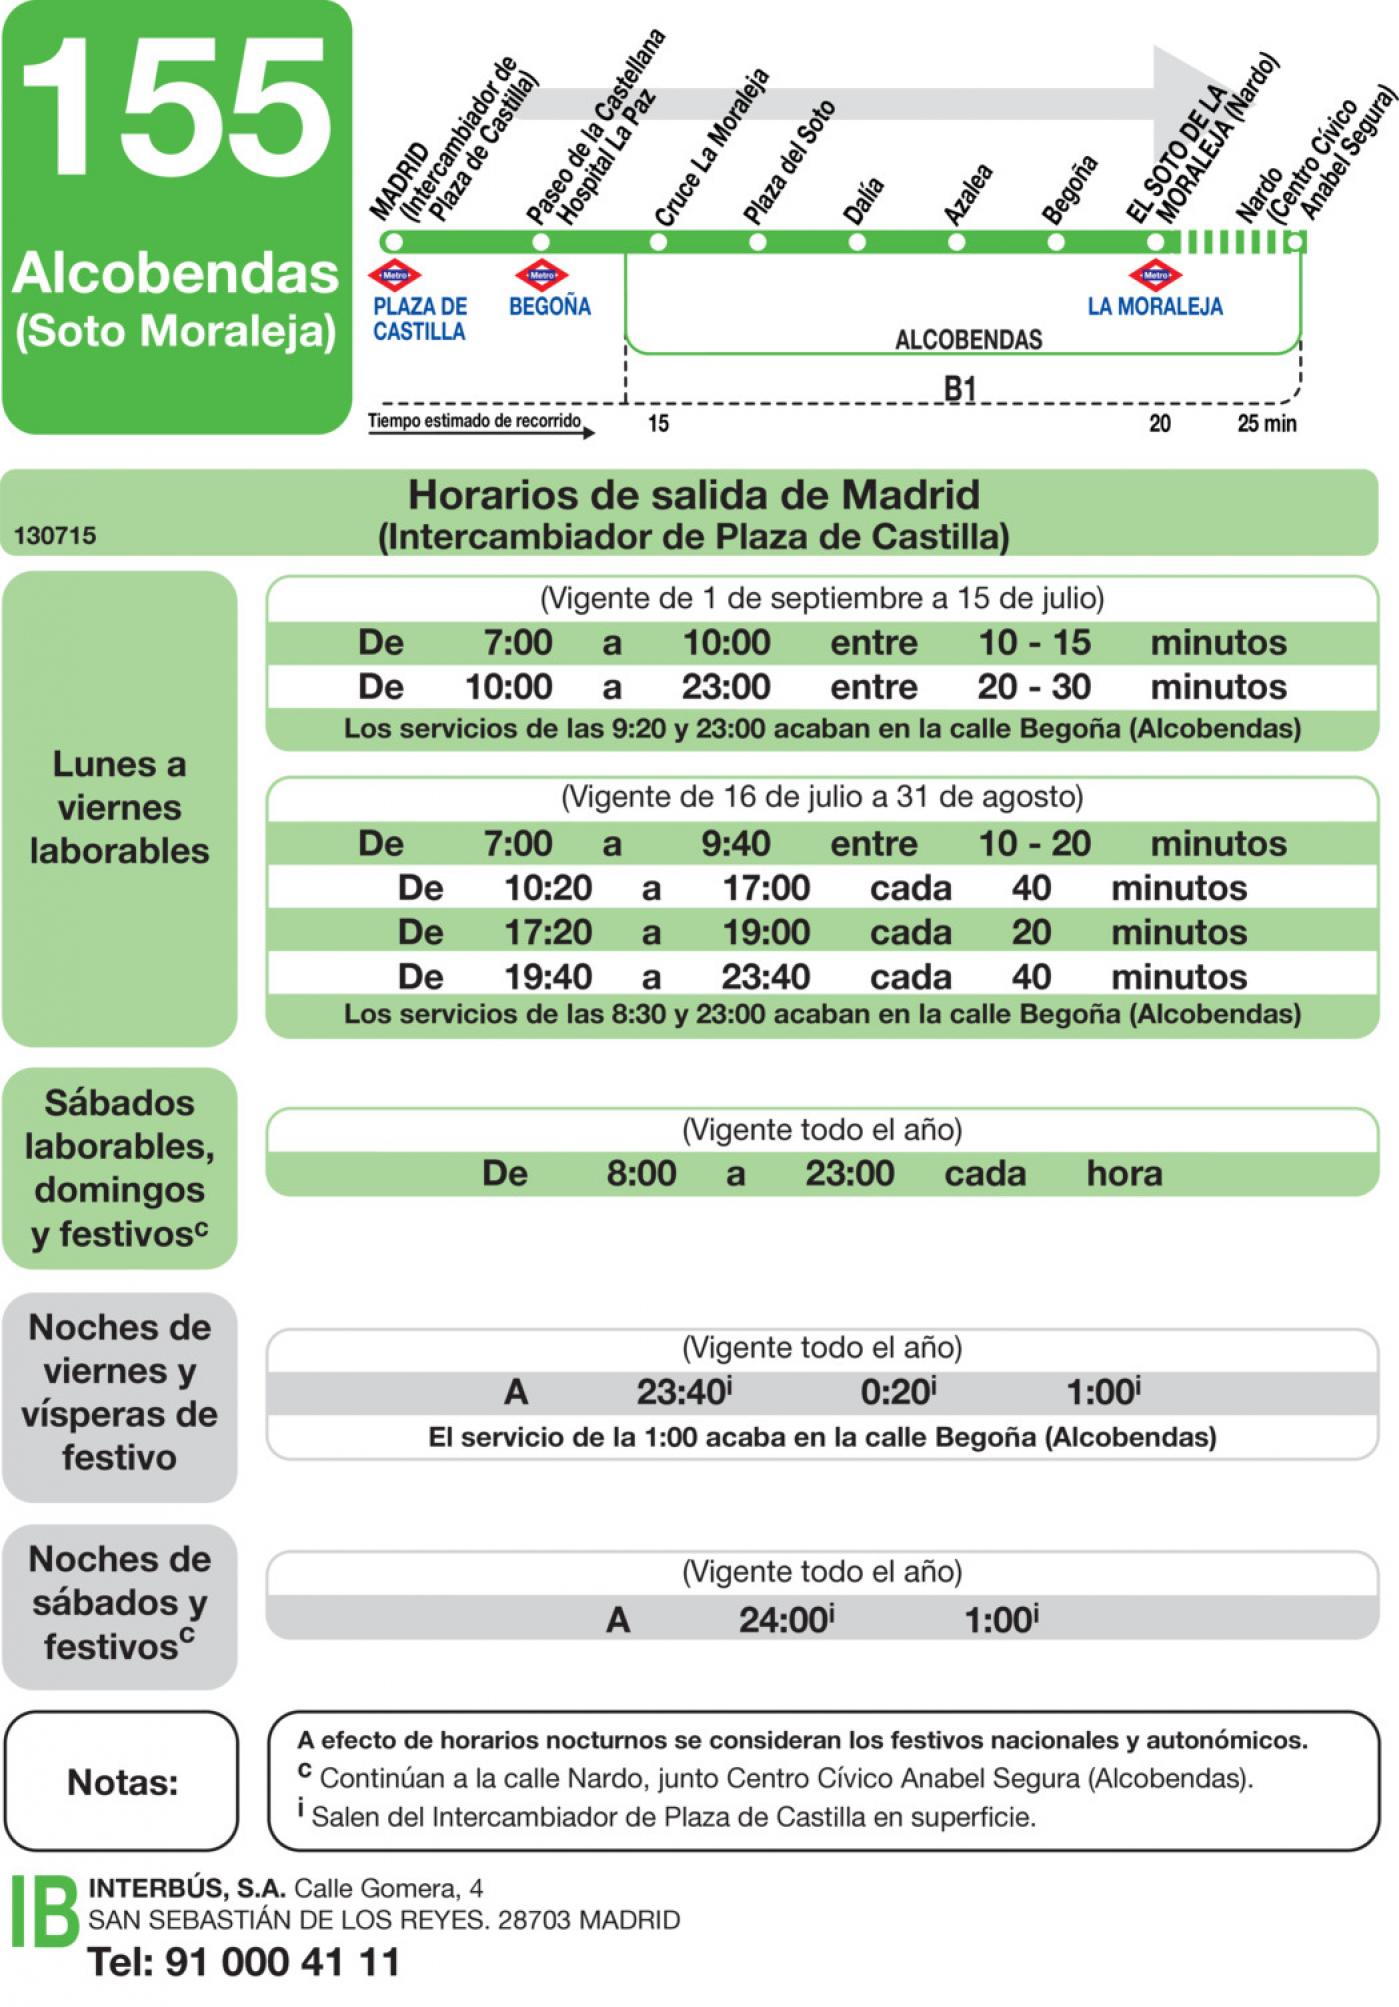 Tabla de horarios y frecuencias de paso en sentido ida Línea 155: Madrid (Plaza Castilla) - El Soto de la Moraleja